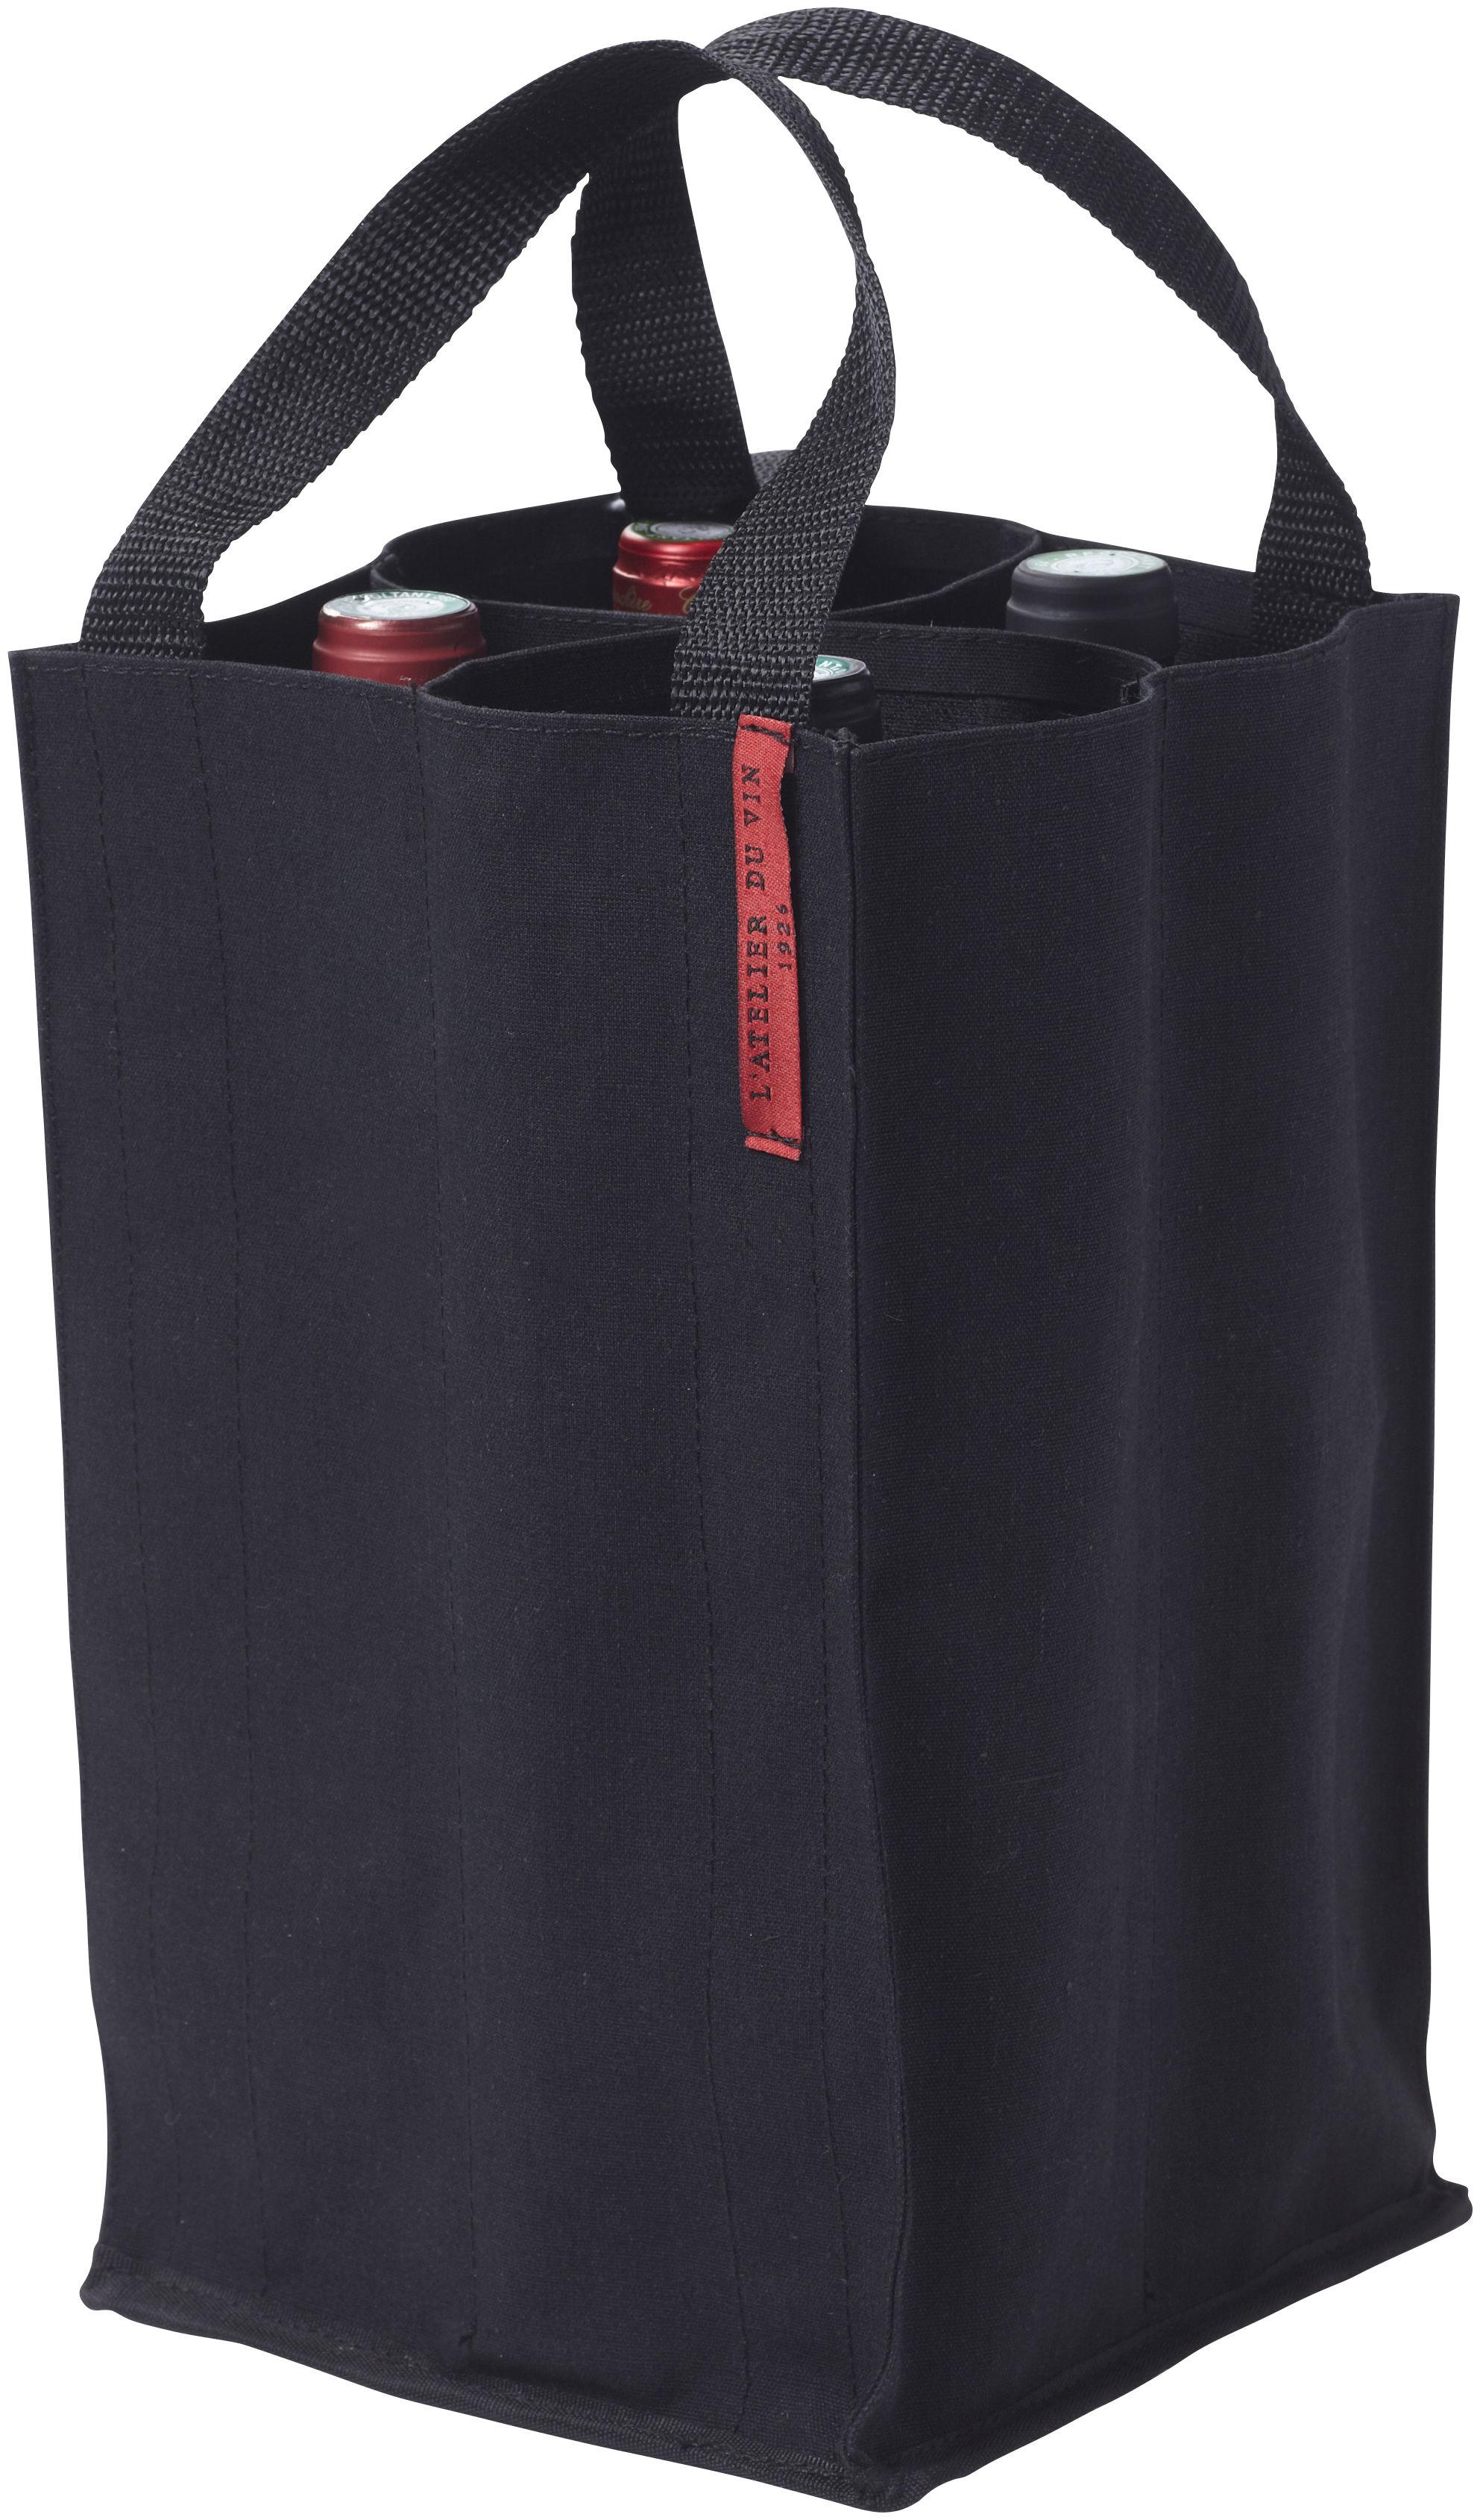 Accessori moda - Borse, Valigie e Portafogli - Borsa Soft Baladeur - / Per 4 bottiglie di L'Atelier du Vin - Nero - Cotone, Poliestere